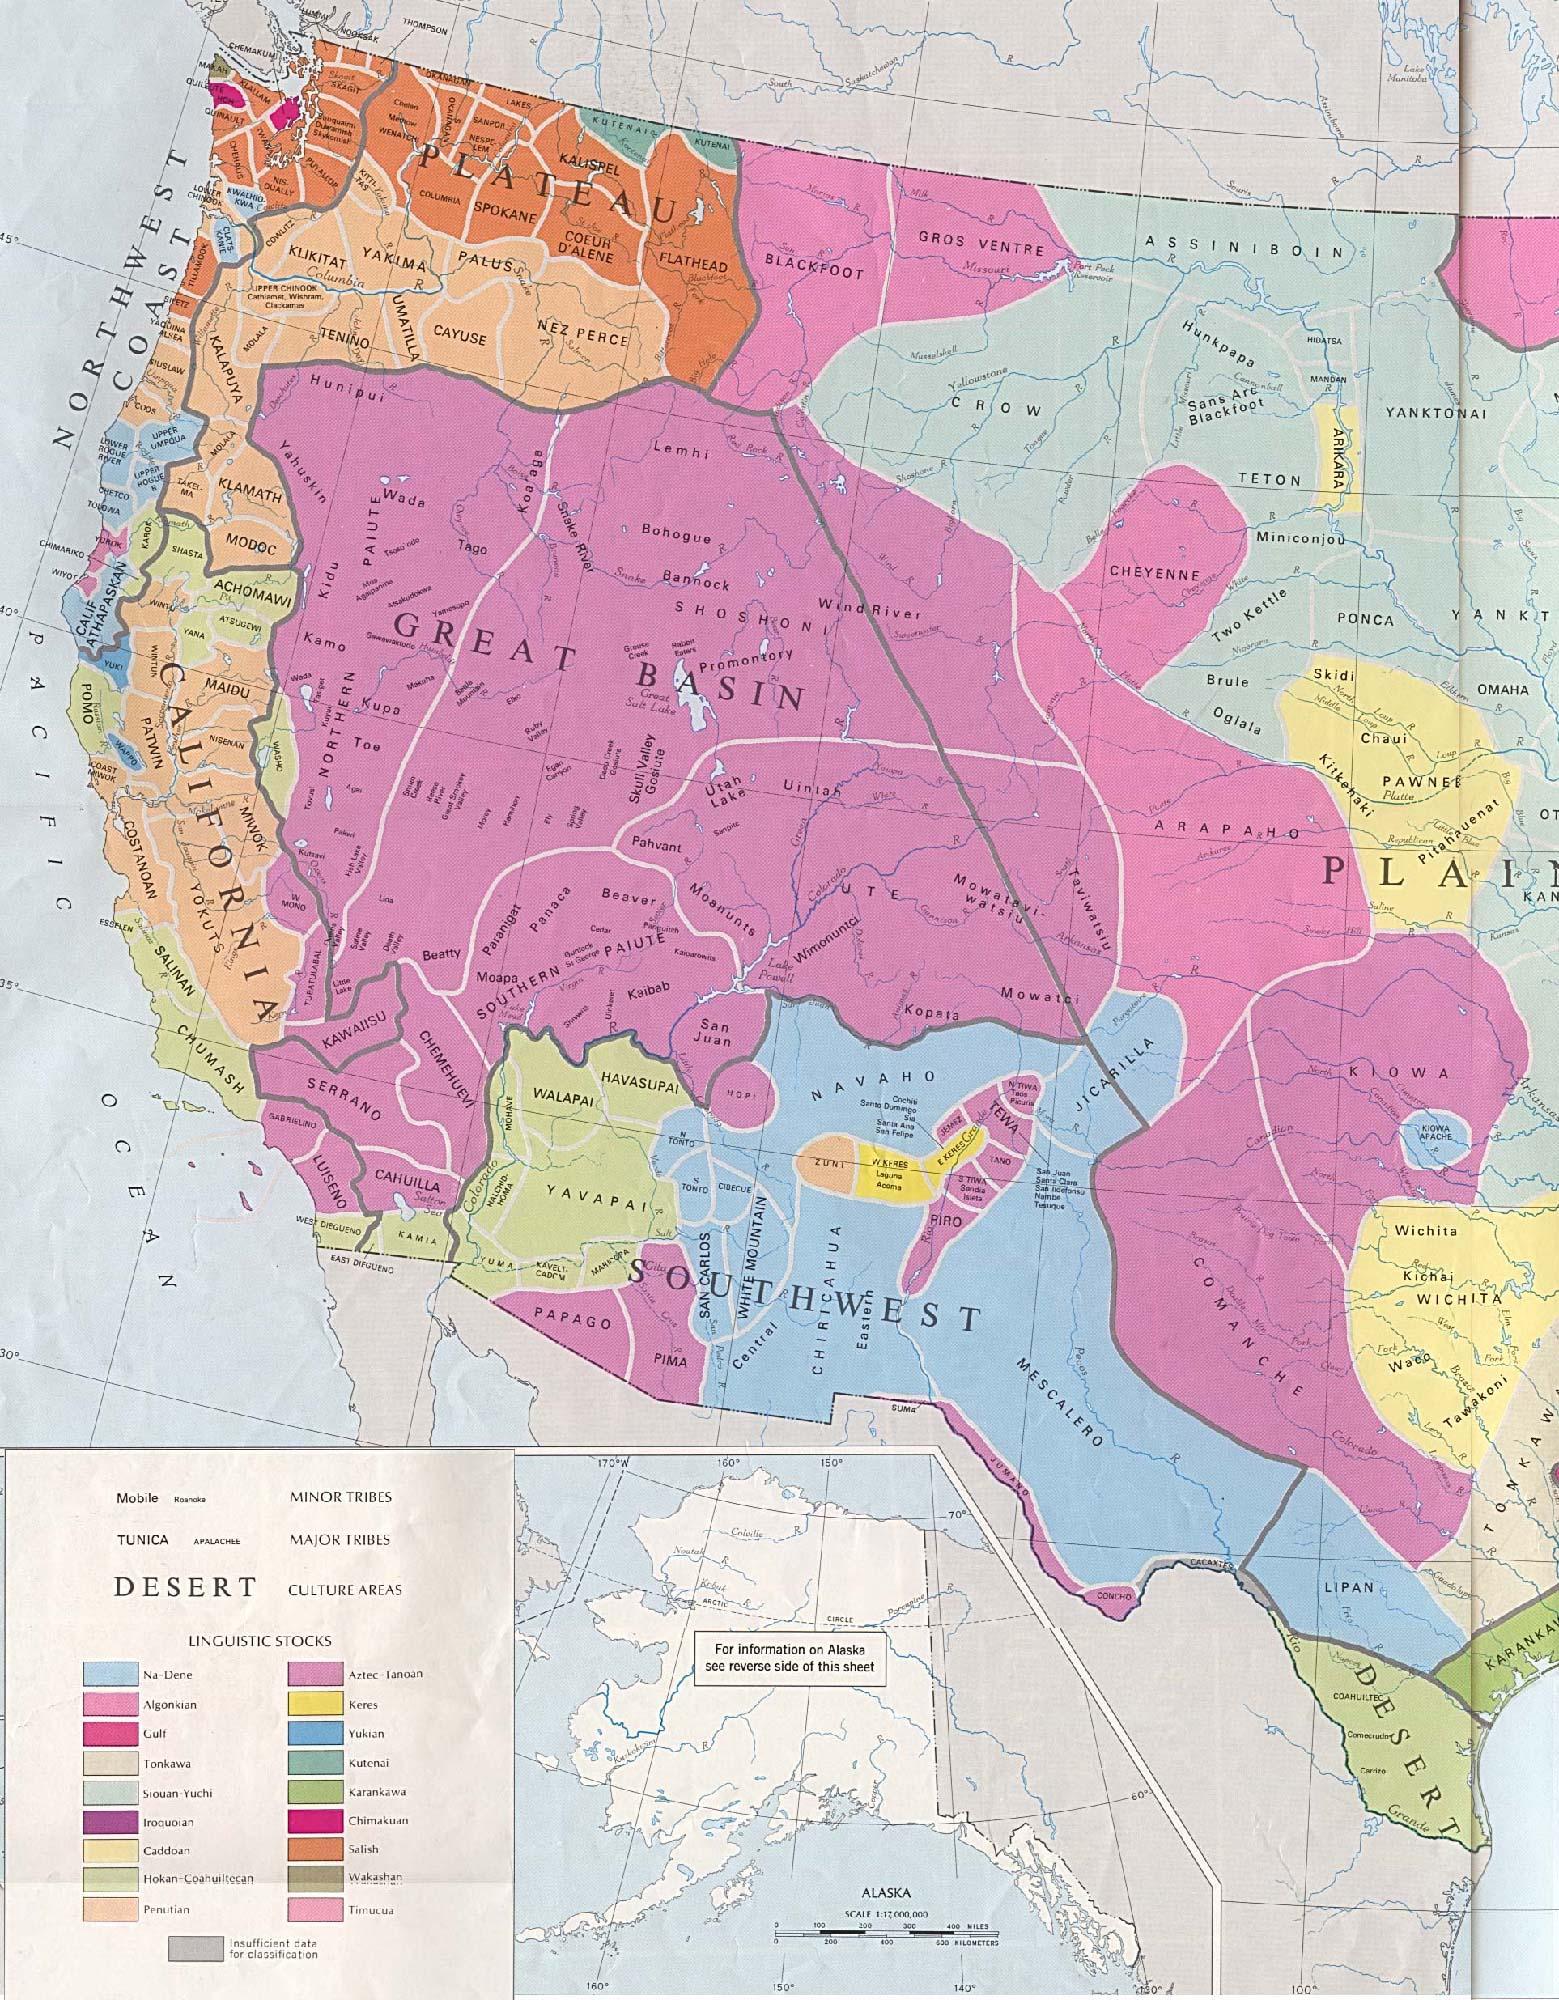 Tribus Indígenas Originales, Estados Unidos Occidental